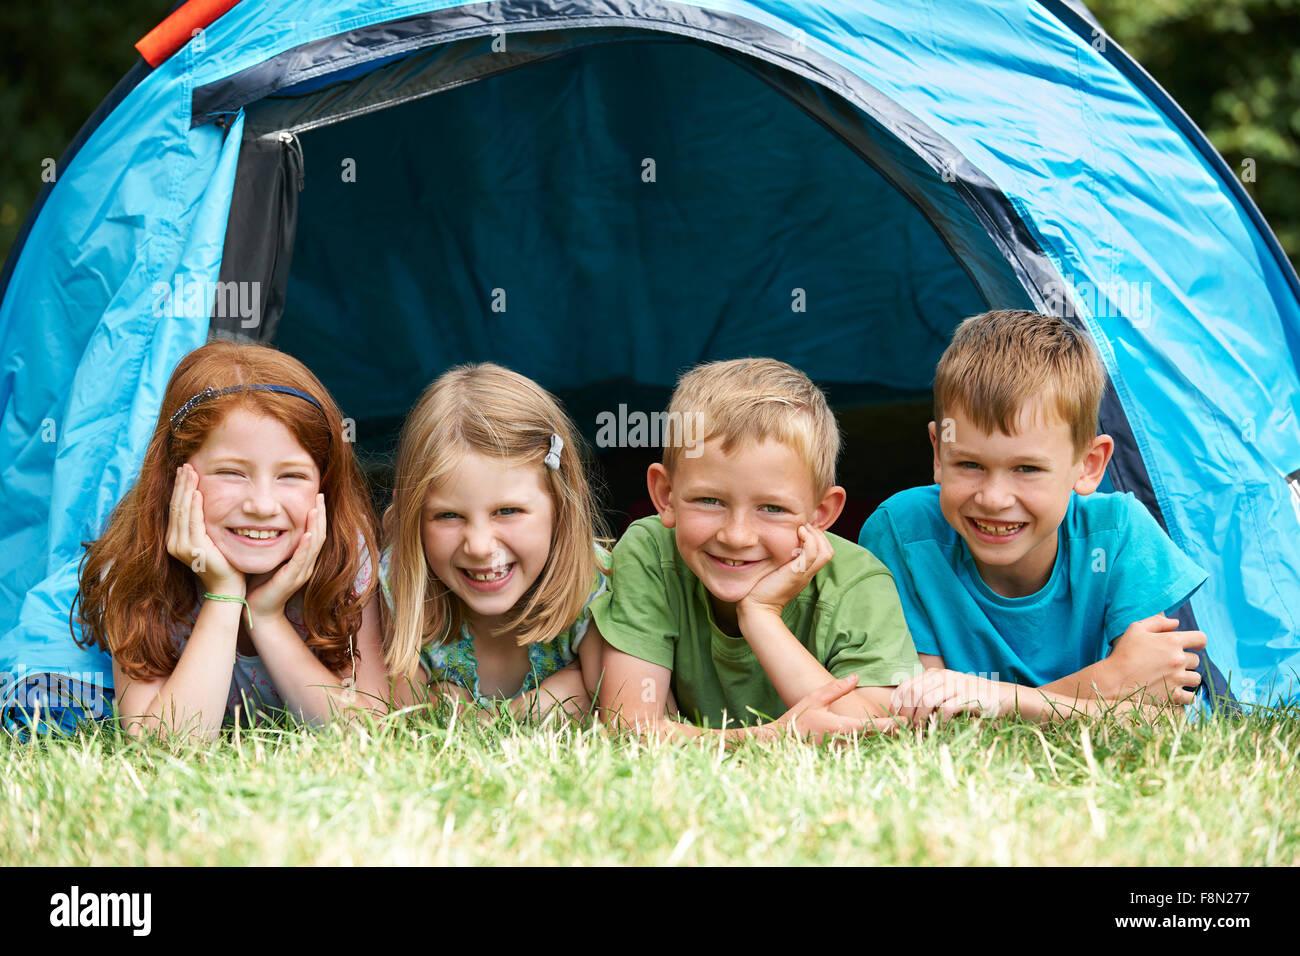 Gruppe von Kindern auf Camping-Ausflug zusammen Stockbild